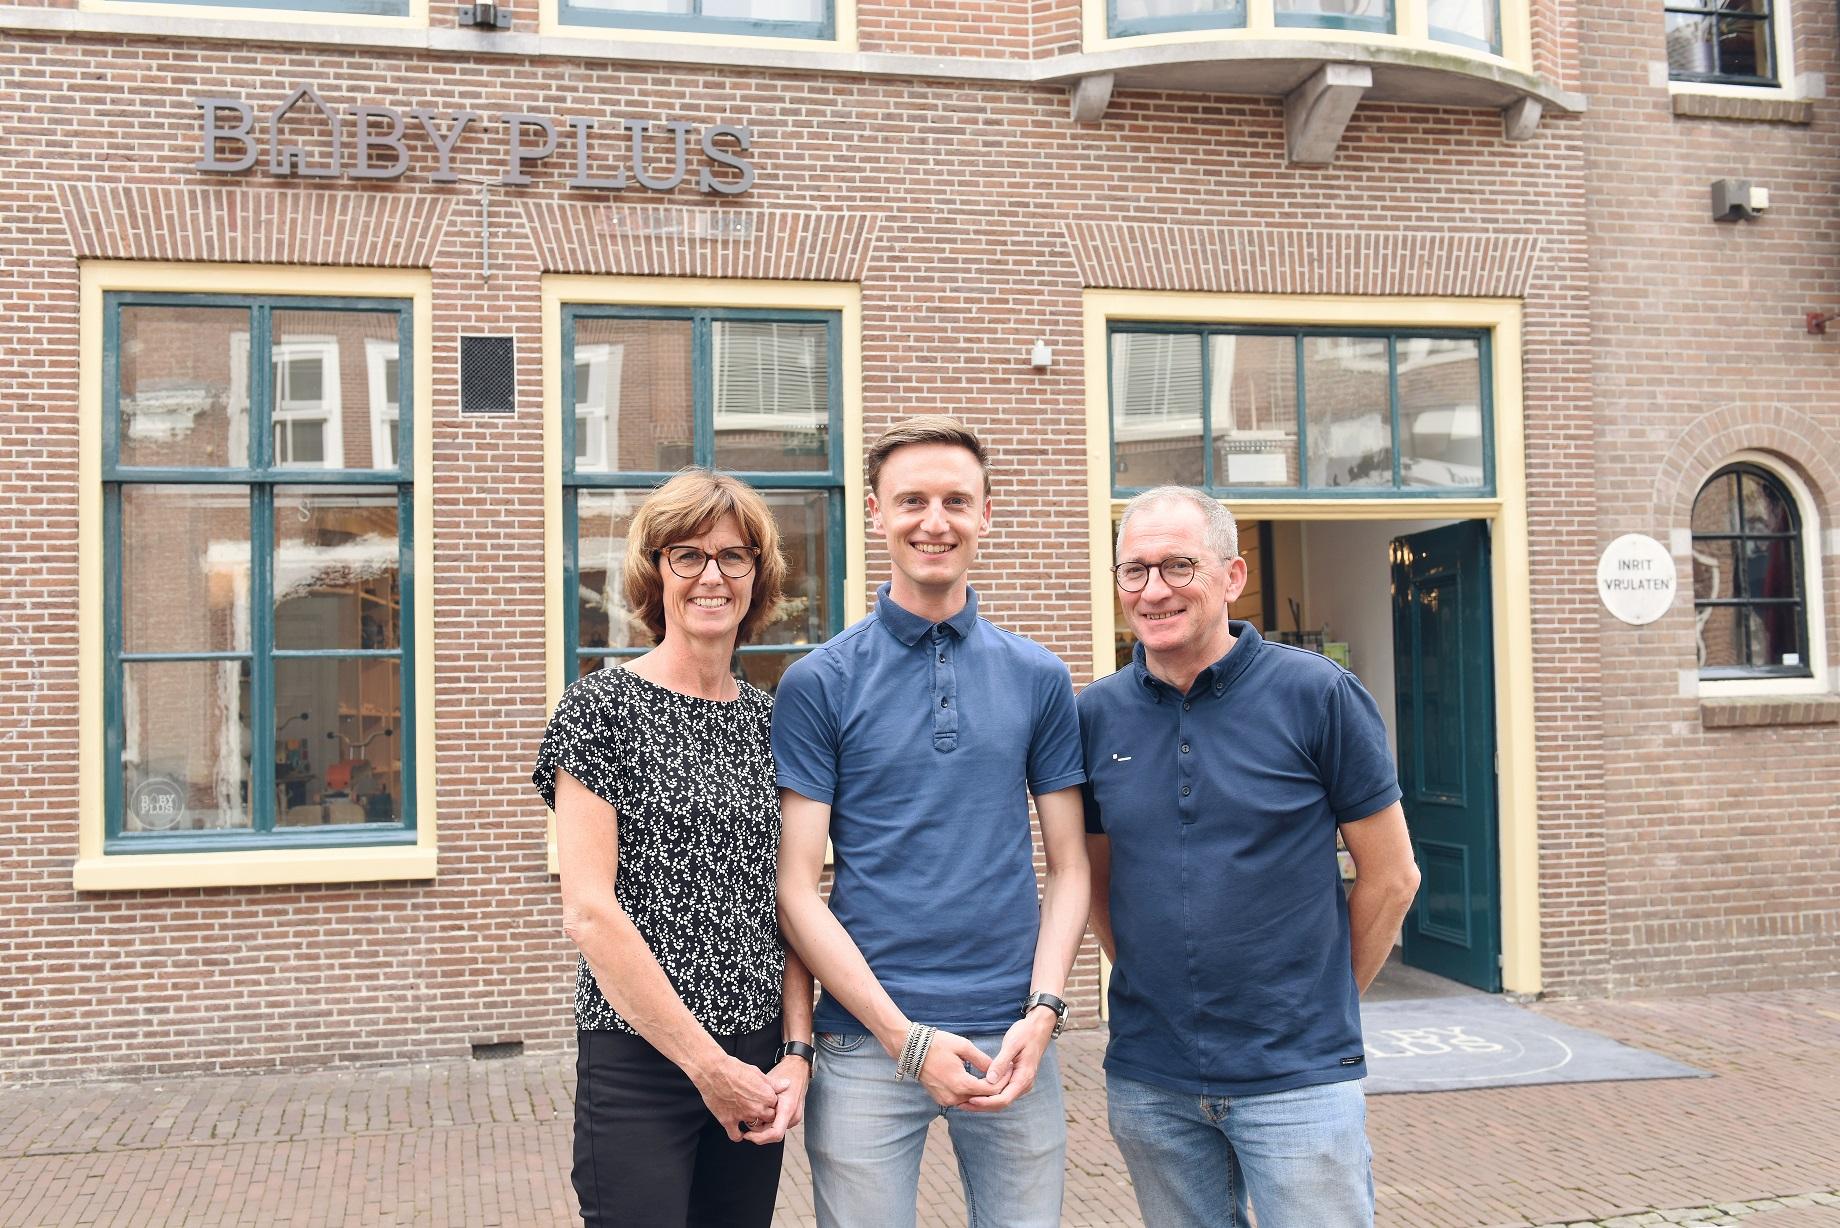 Toekomst Baby Plus in webshops en kleine stadswinkels; Winkel in Hoorn sluit